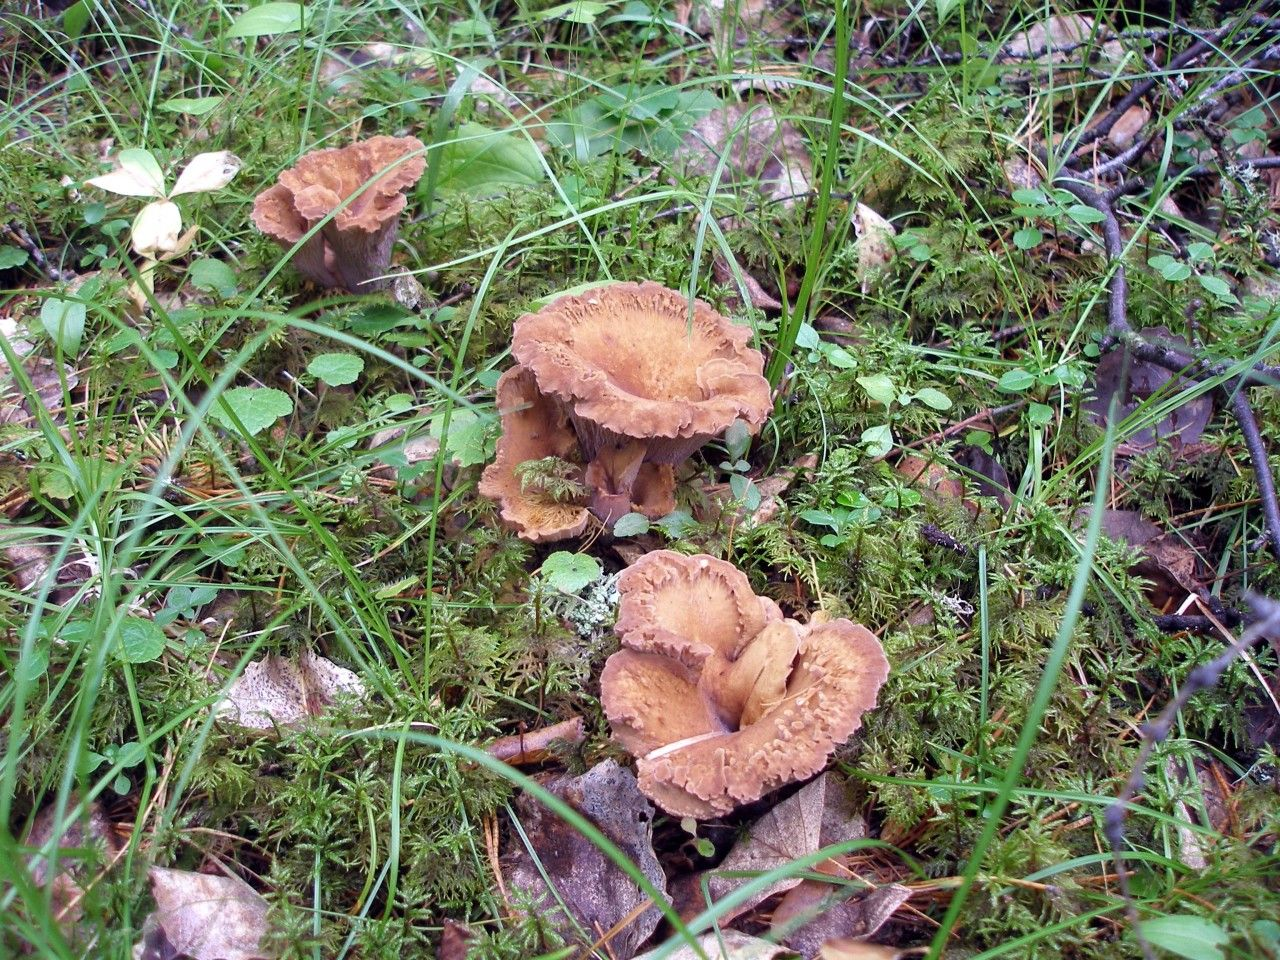 назву съедобные грибы амурской области фото и название противодействию